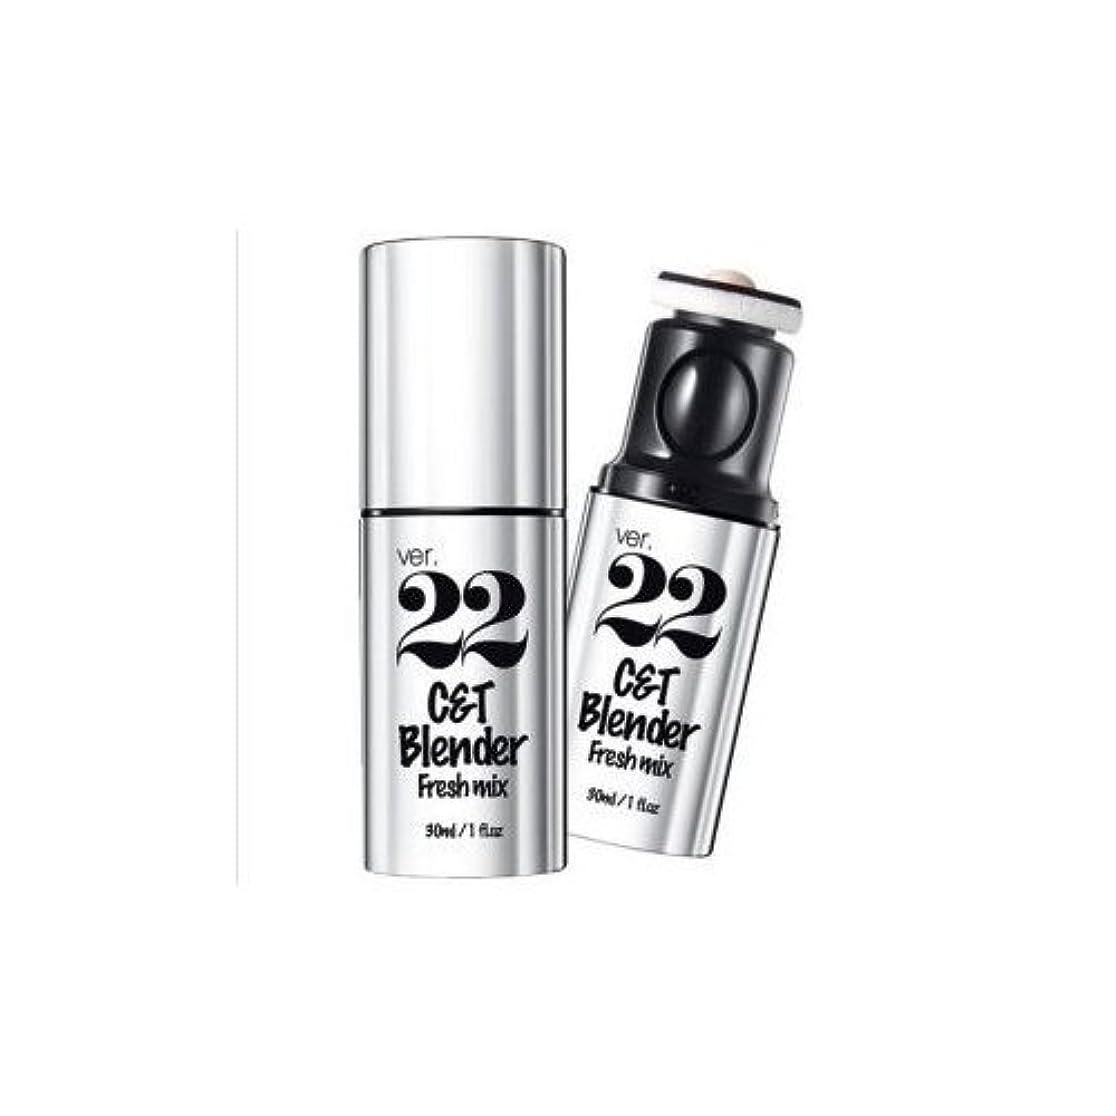 シーズンマーキングアデレードchosungah22 C&T Blender Fresh Mix 30ml, Capsule Foundation, #01, Korean Cosmetics